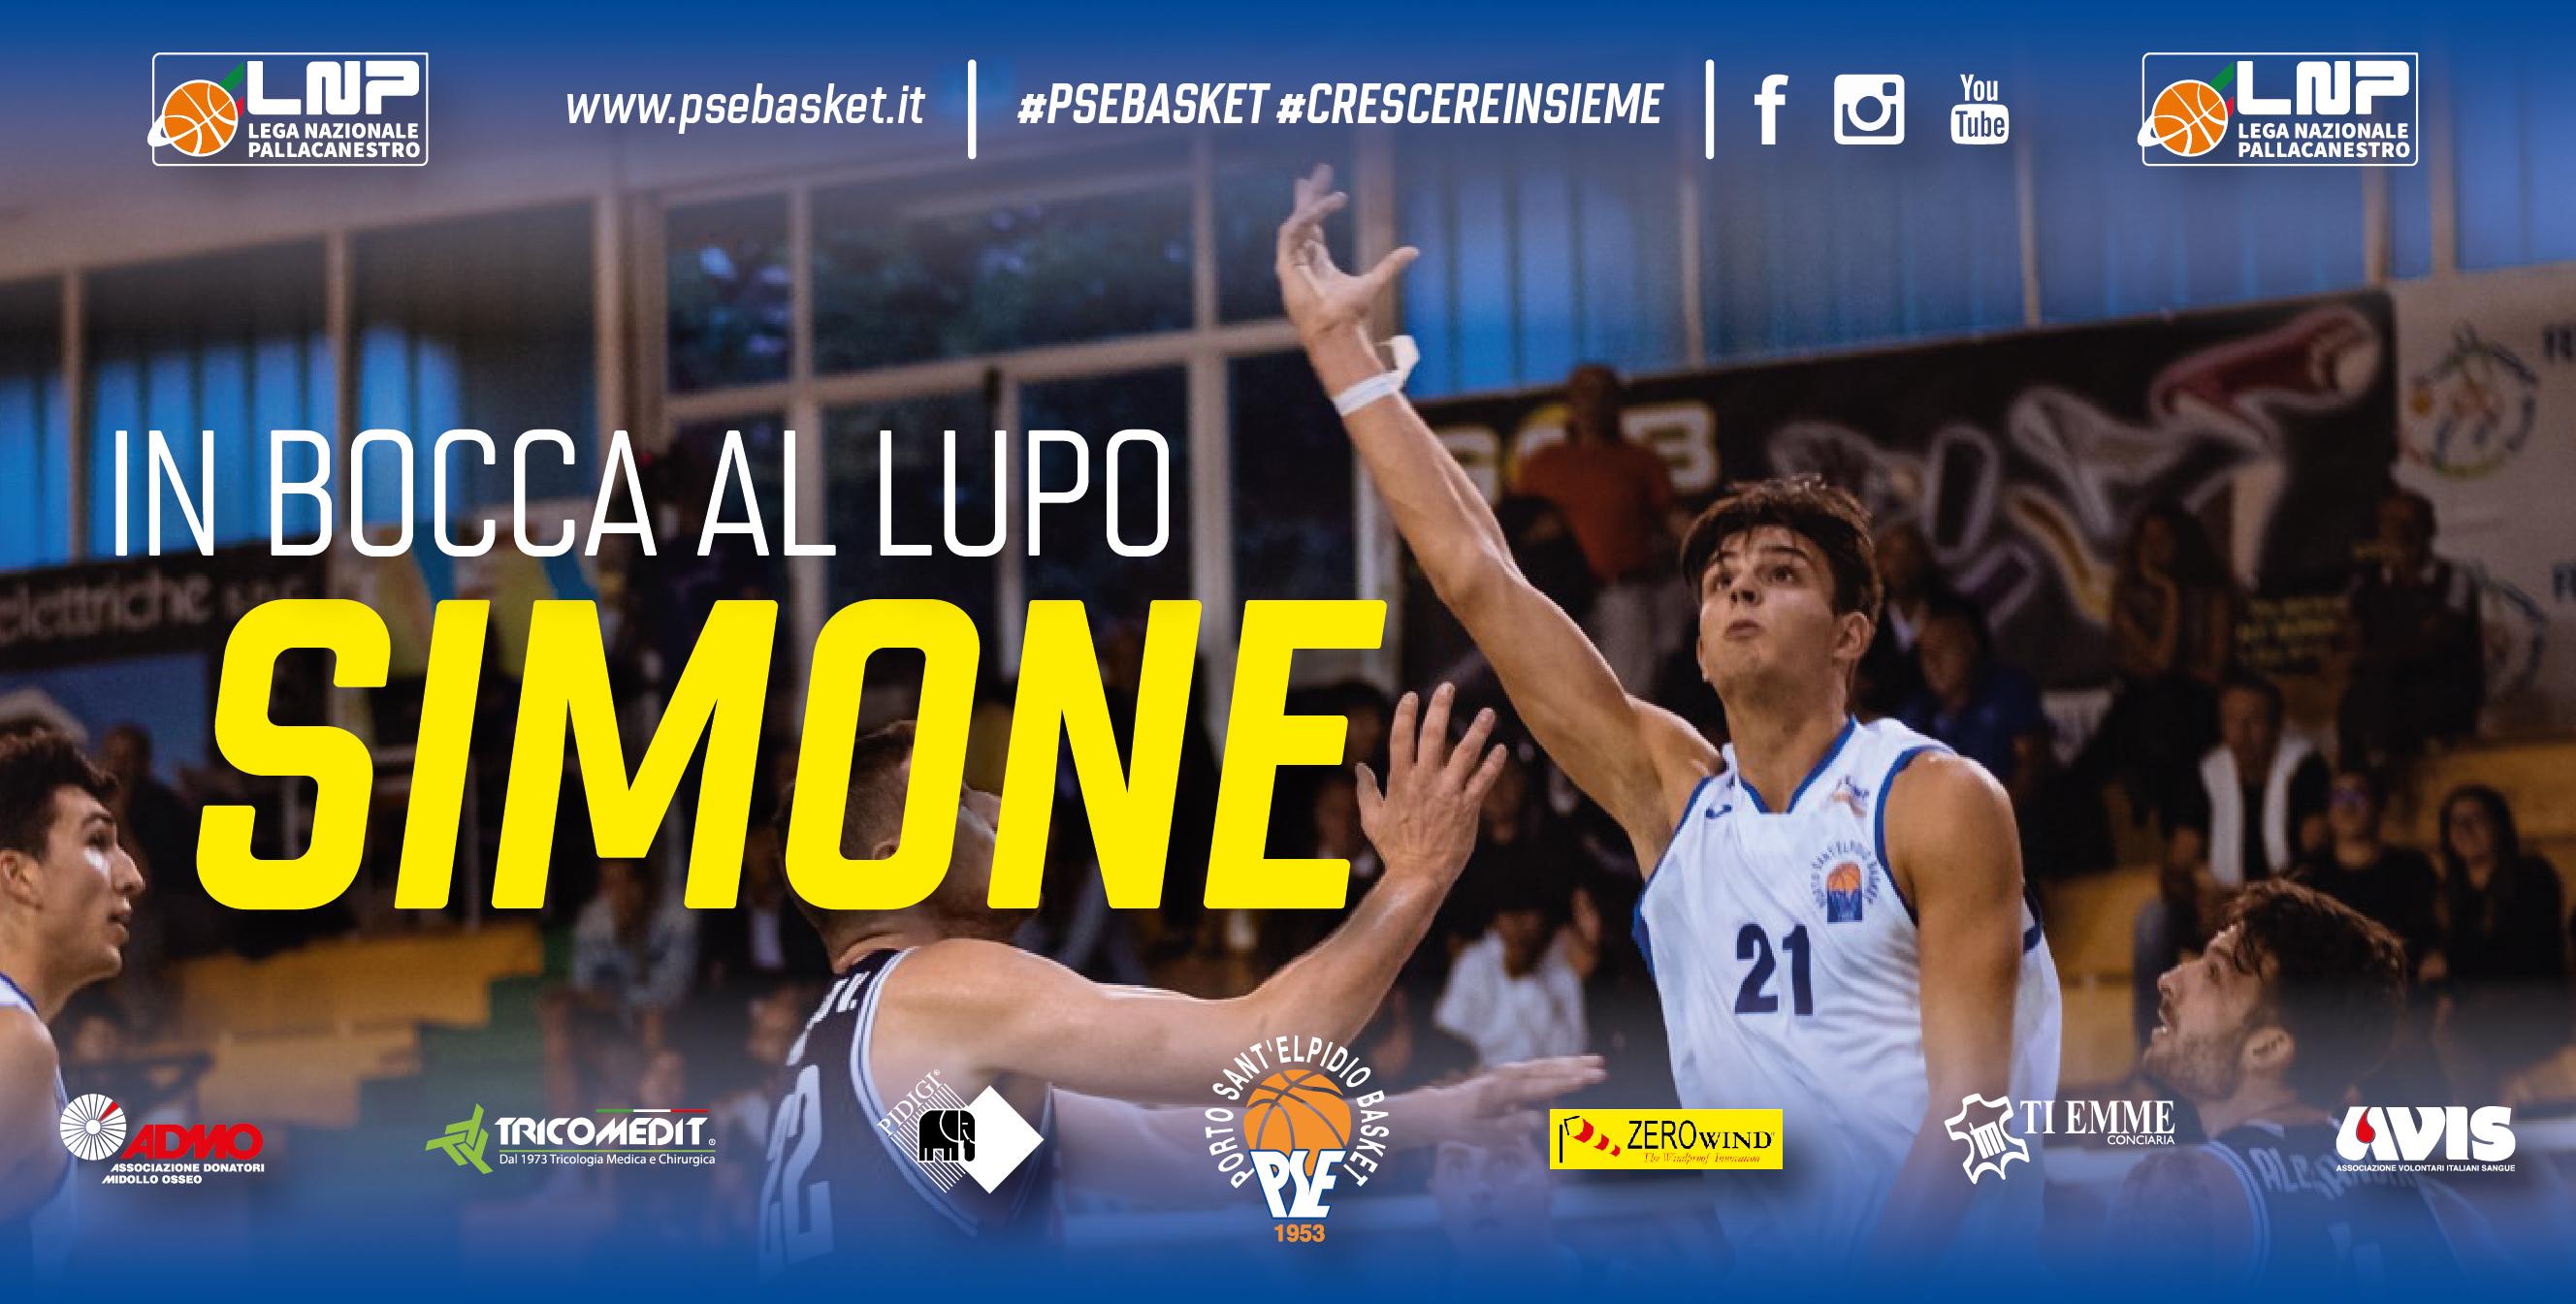 Marco Schiavi è il nuovo tecnico del P.S.Elpidio Basket